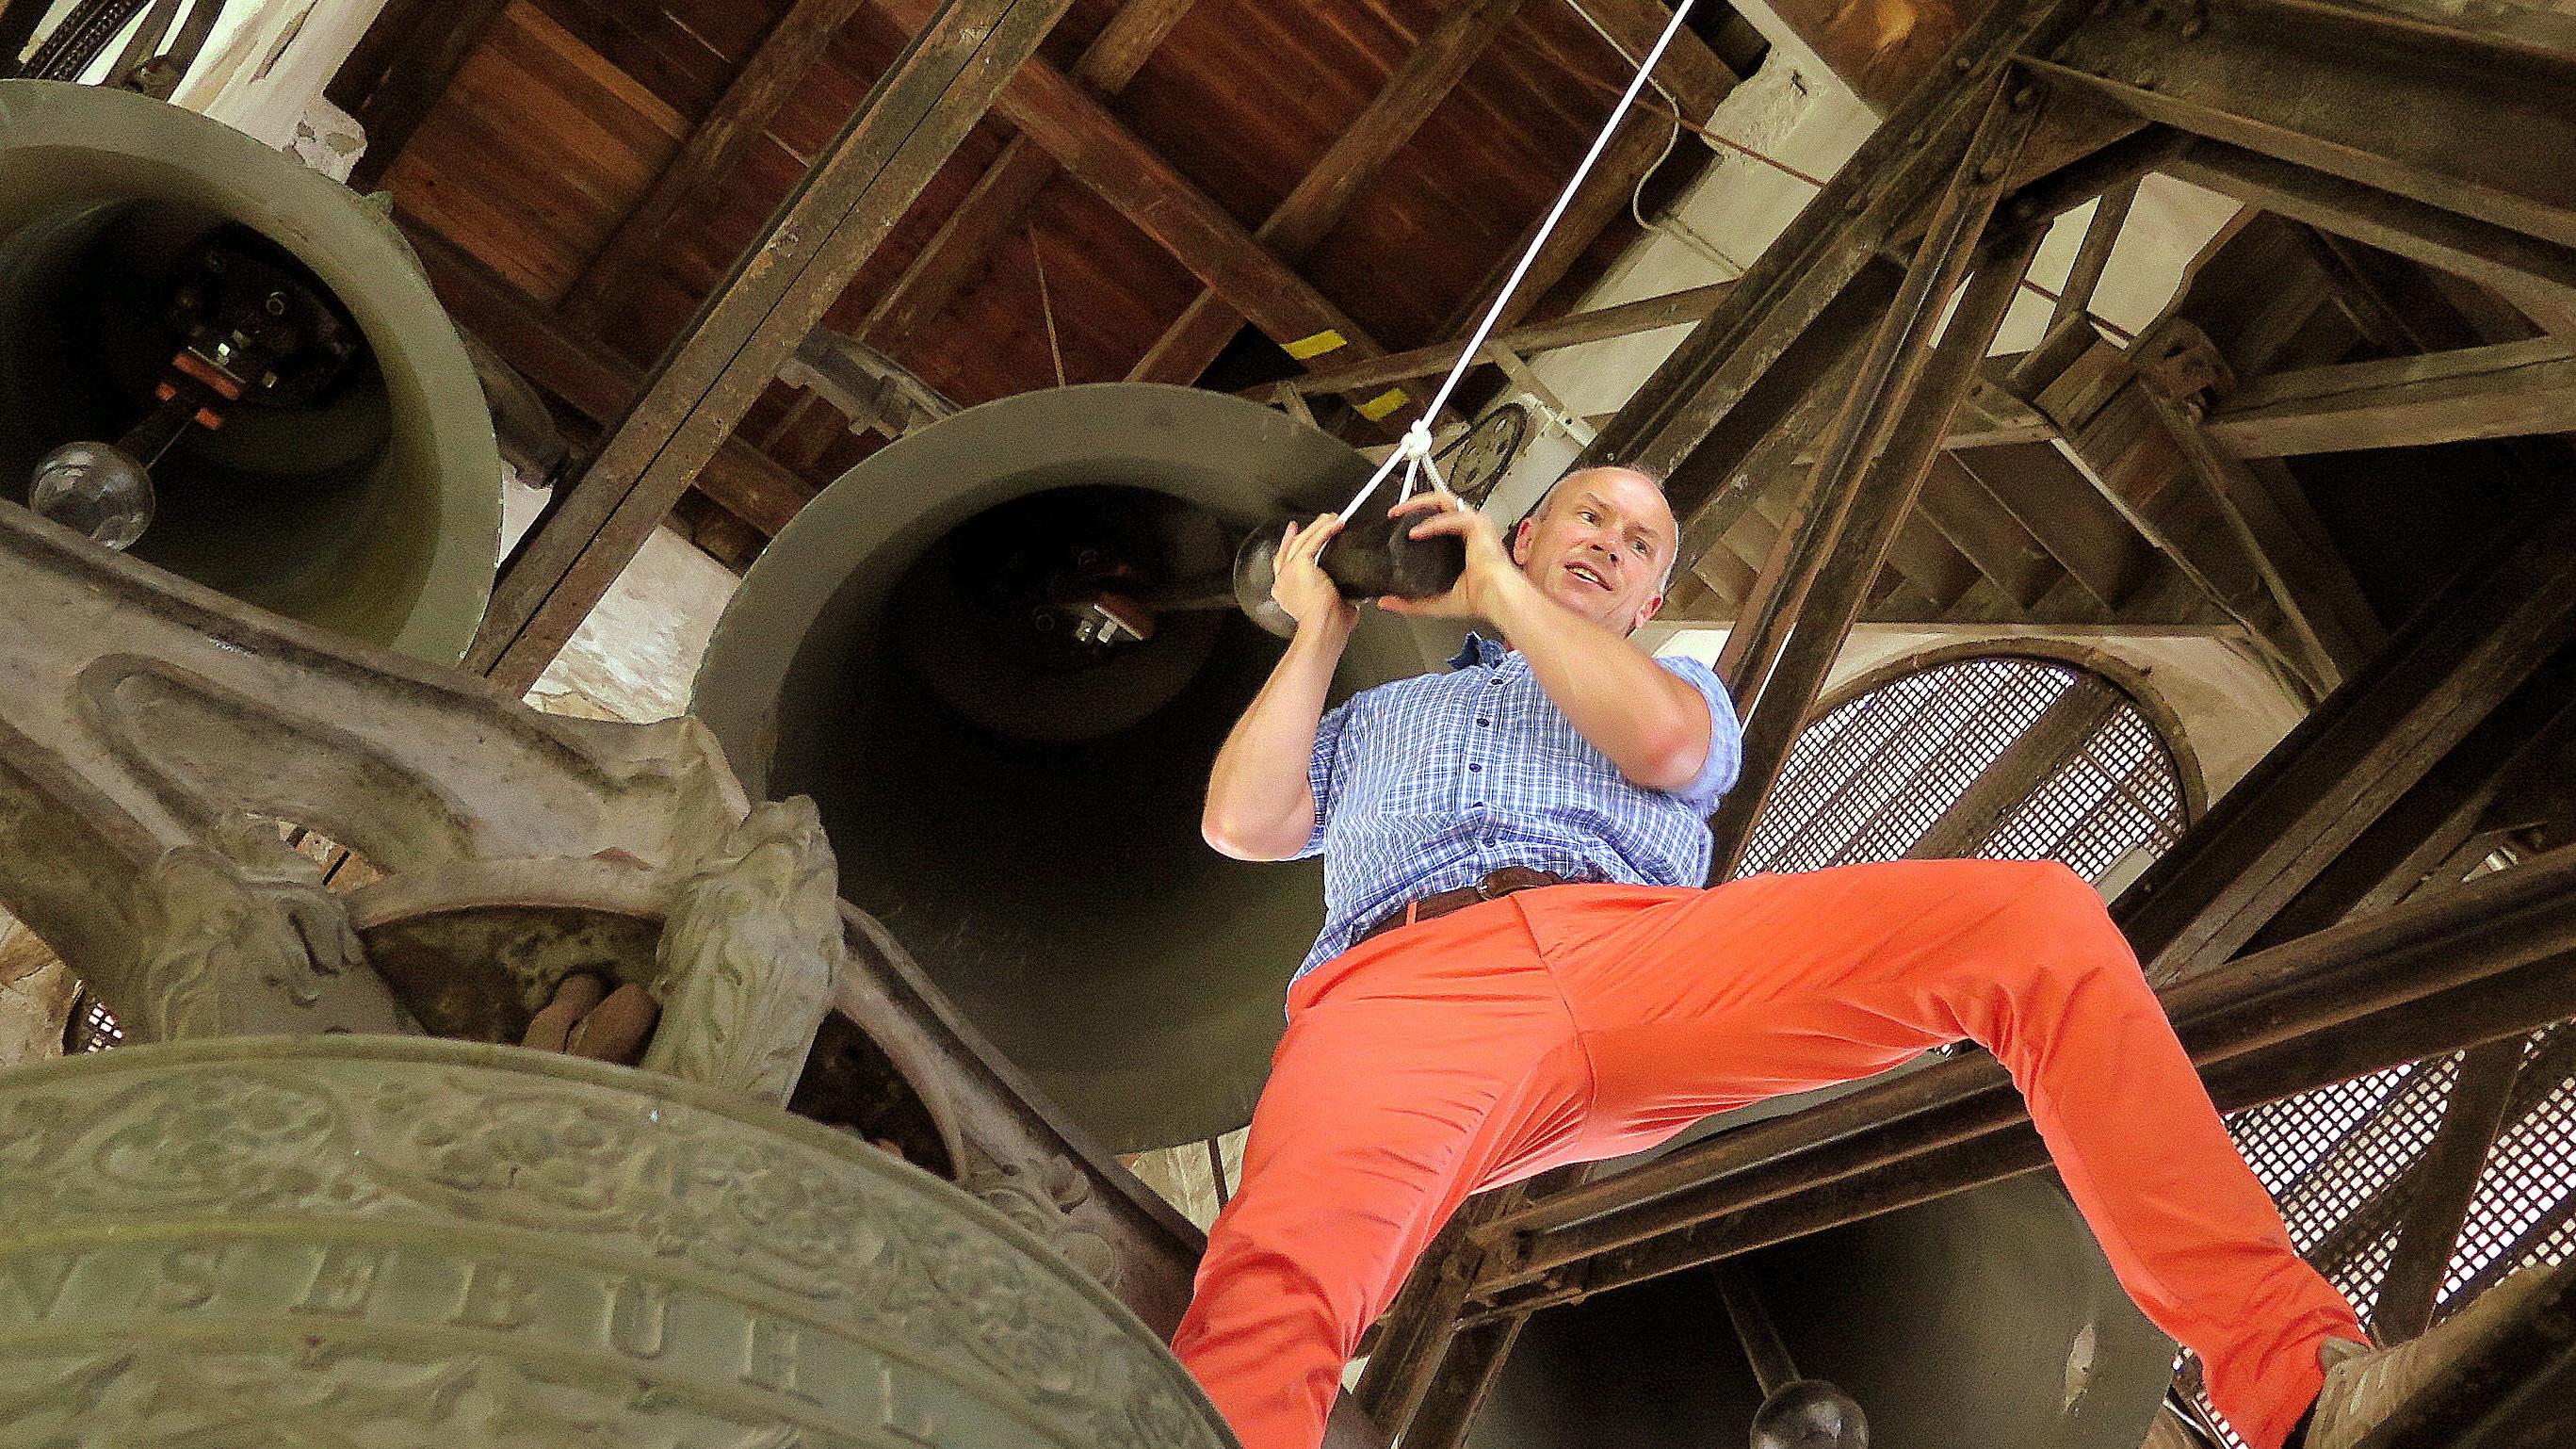 Punktgenau parat: Felix Esche demonstriert vorab seinen Part unter den 50 Freiwilligen beim einzigartigen Glockenkonzert von St. Gallen.